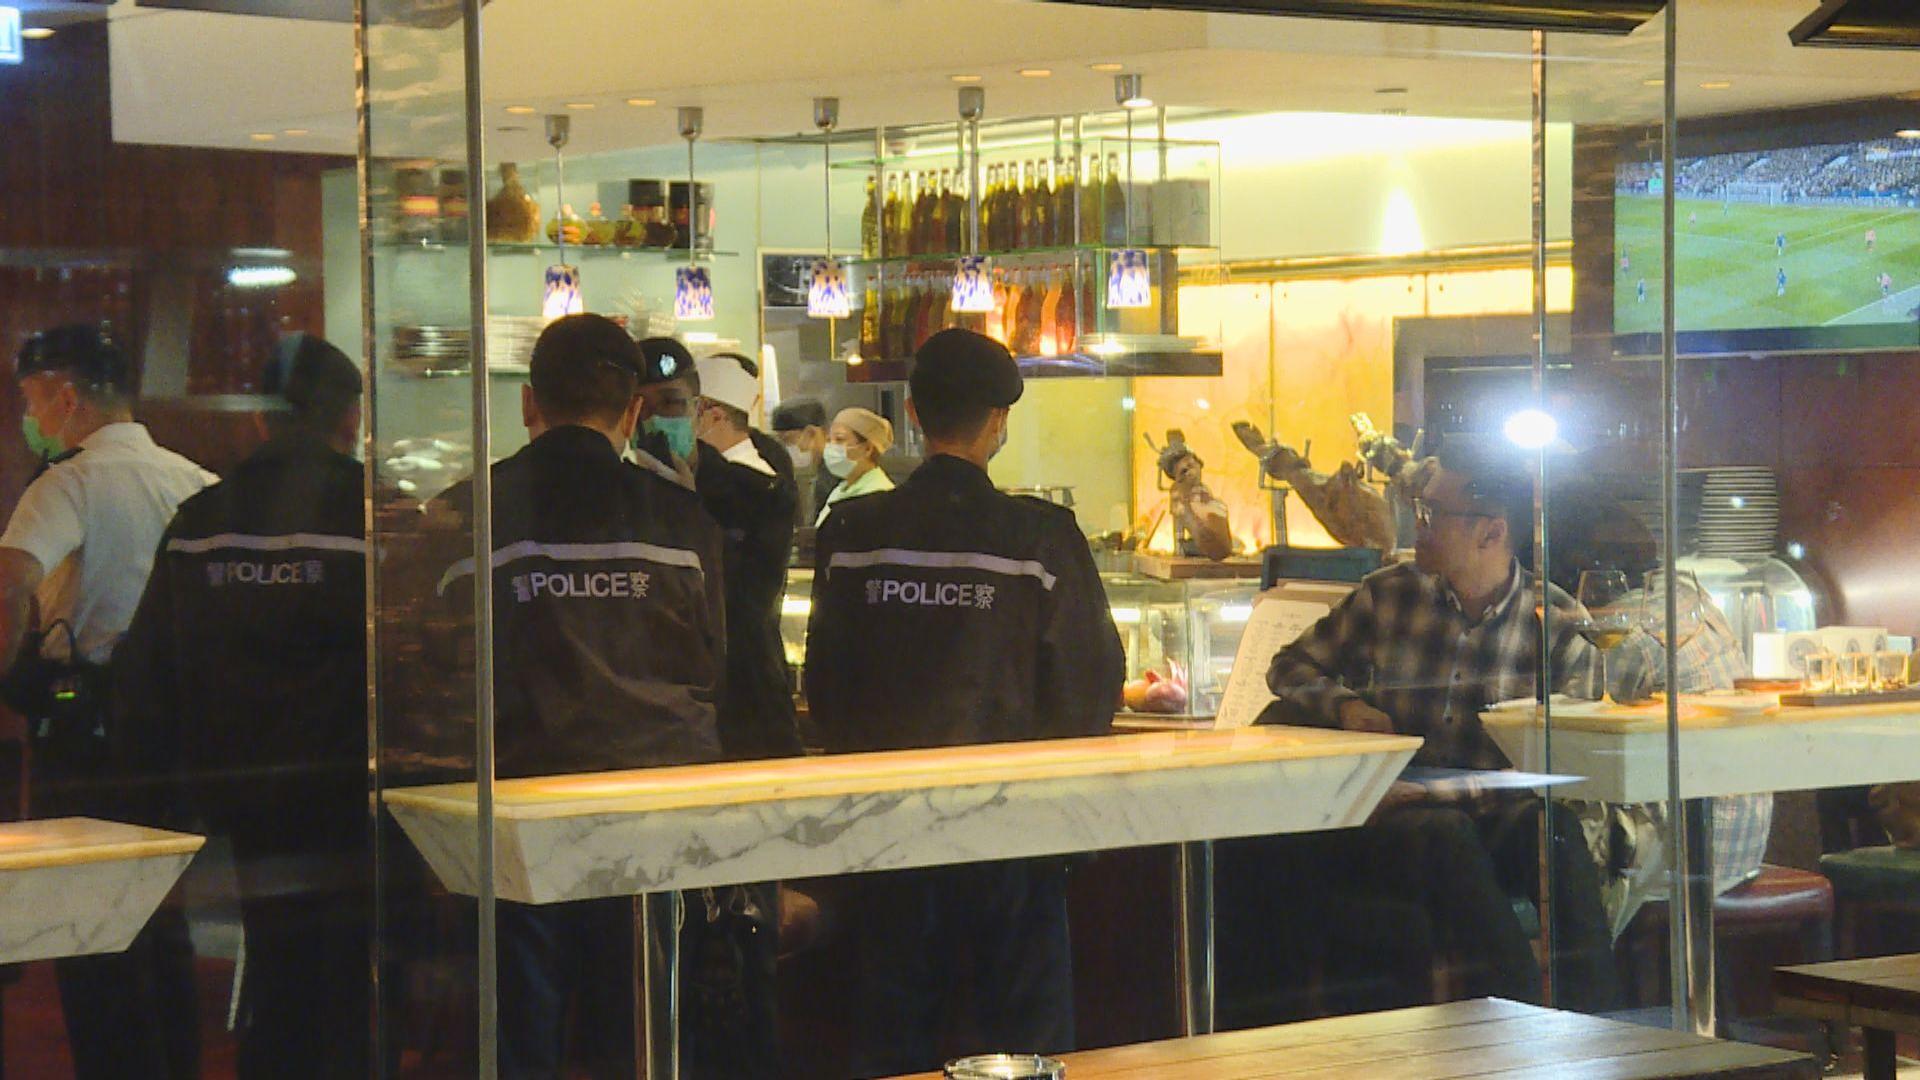 十間食肆未有遵守防疫規定 遭禁晚市堂食